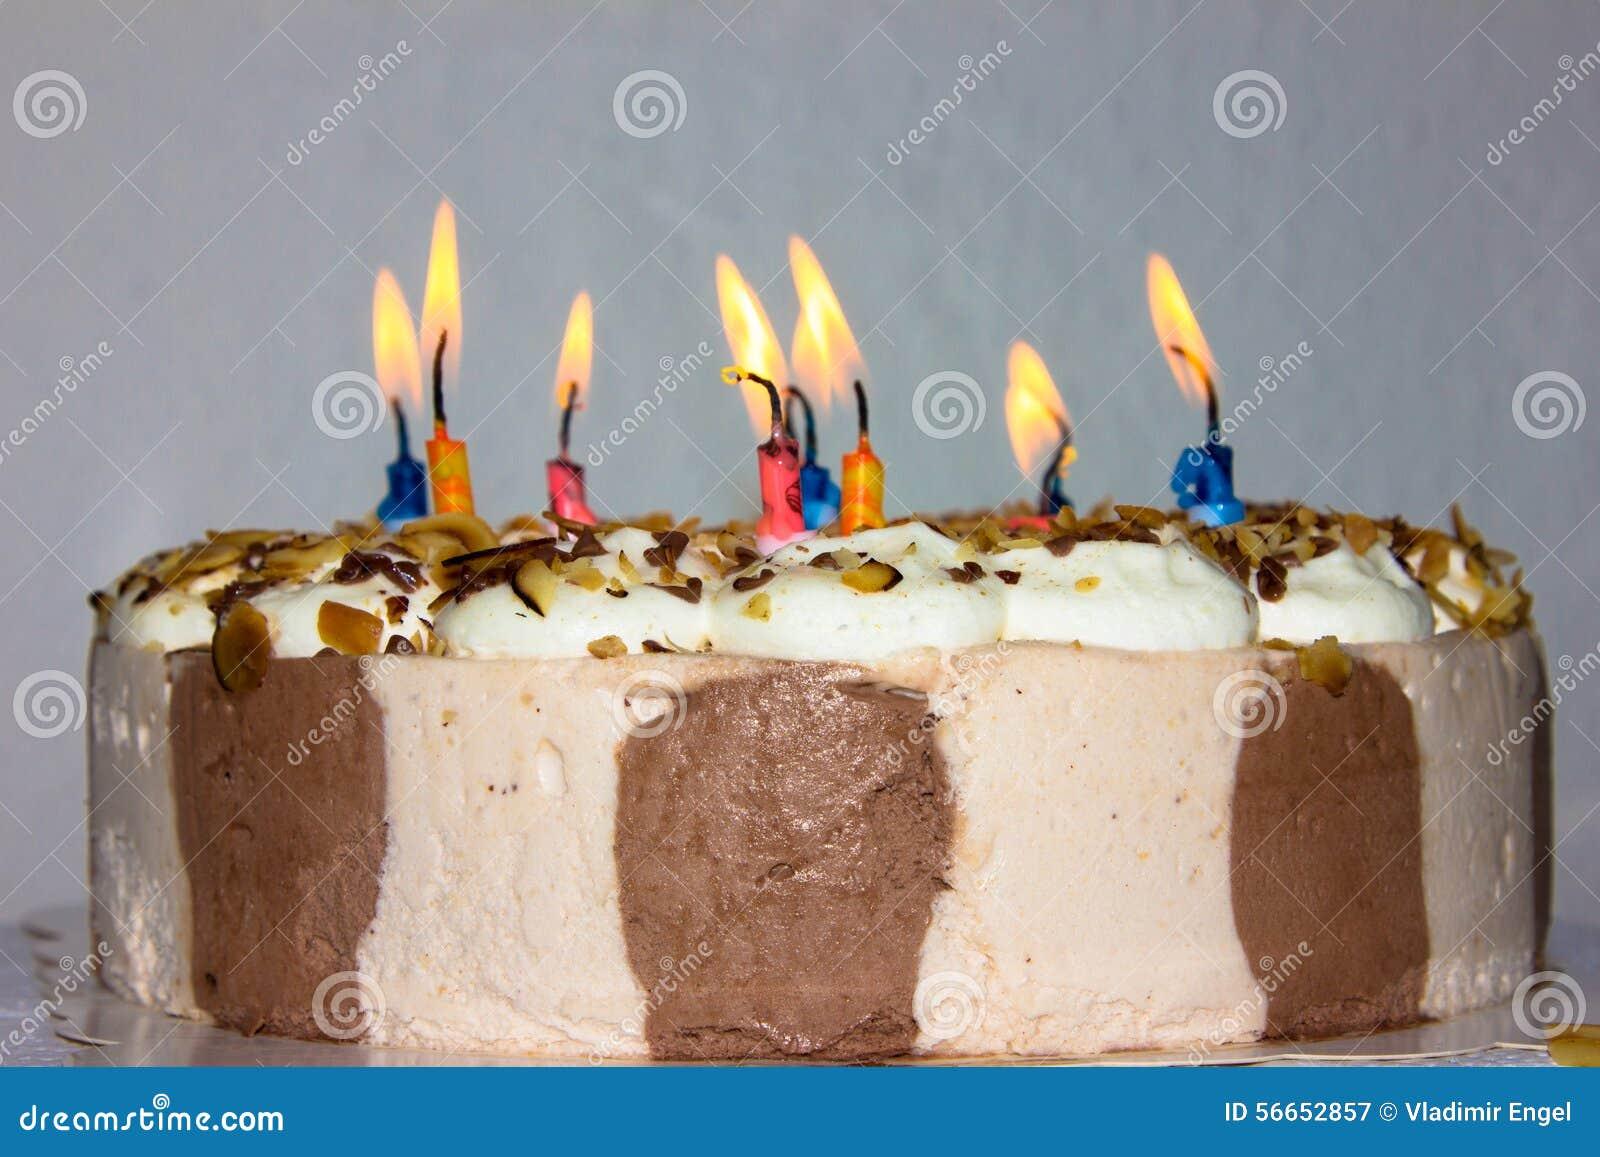 Torta di compleanno esamina in controluce il prodotto della panificazione di buon compleanno